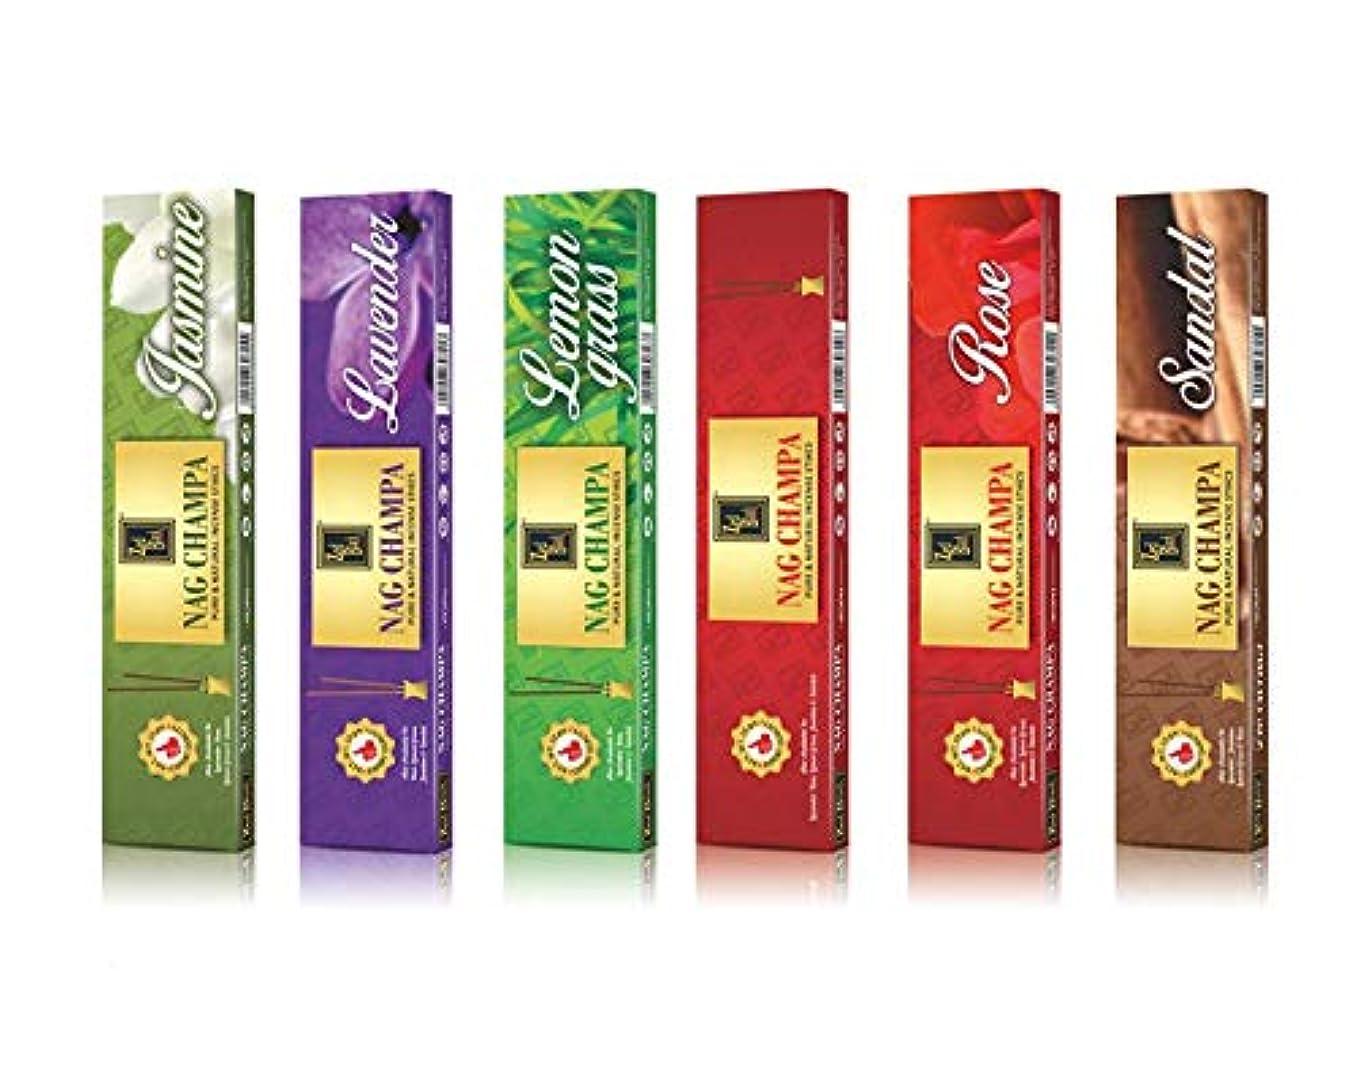 険しいアルコール活性化するNagchampaプレミアム天然香料Sticks – 6のパック(10 Sticks perボックス)